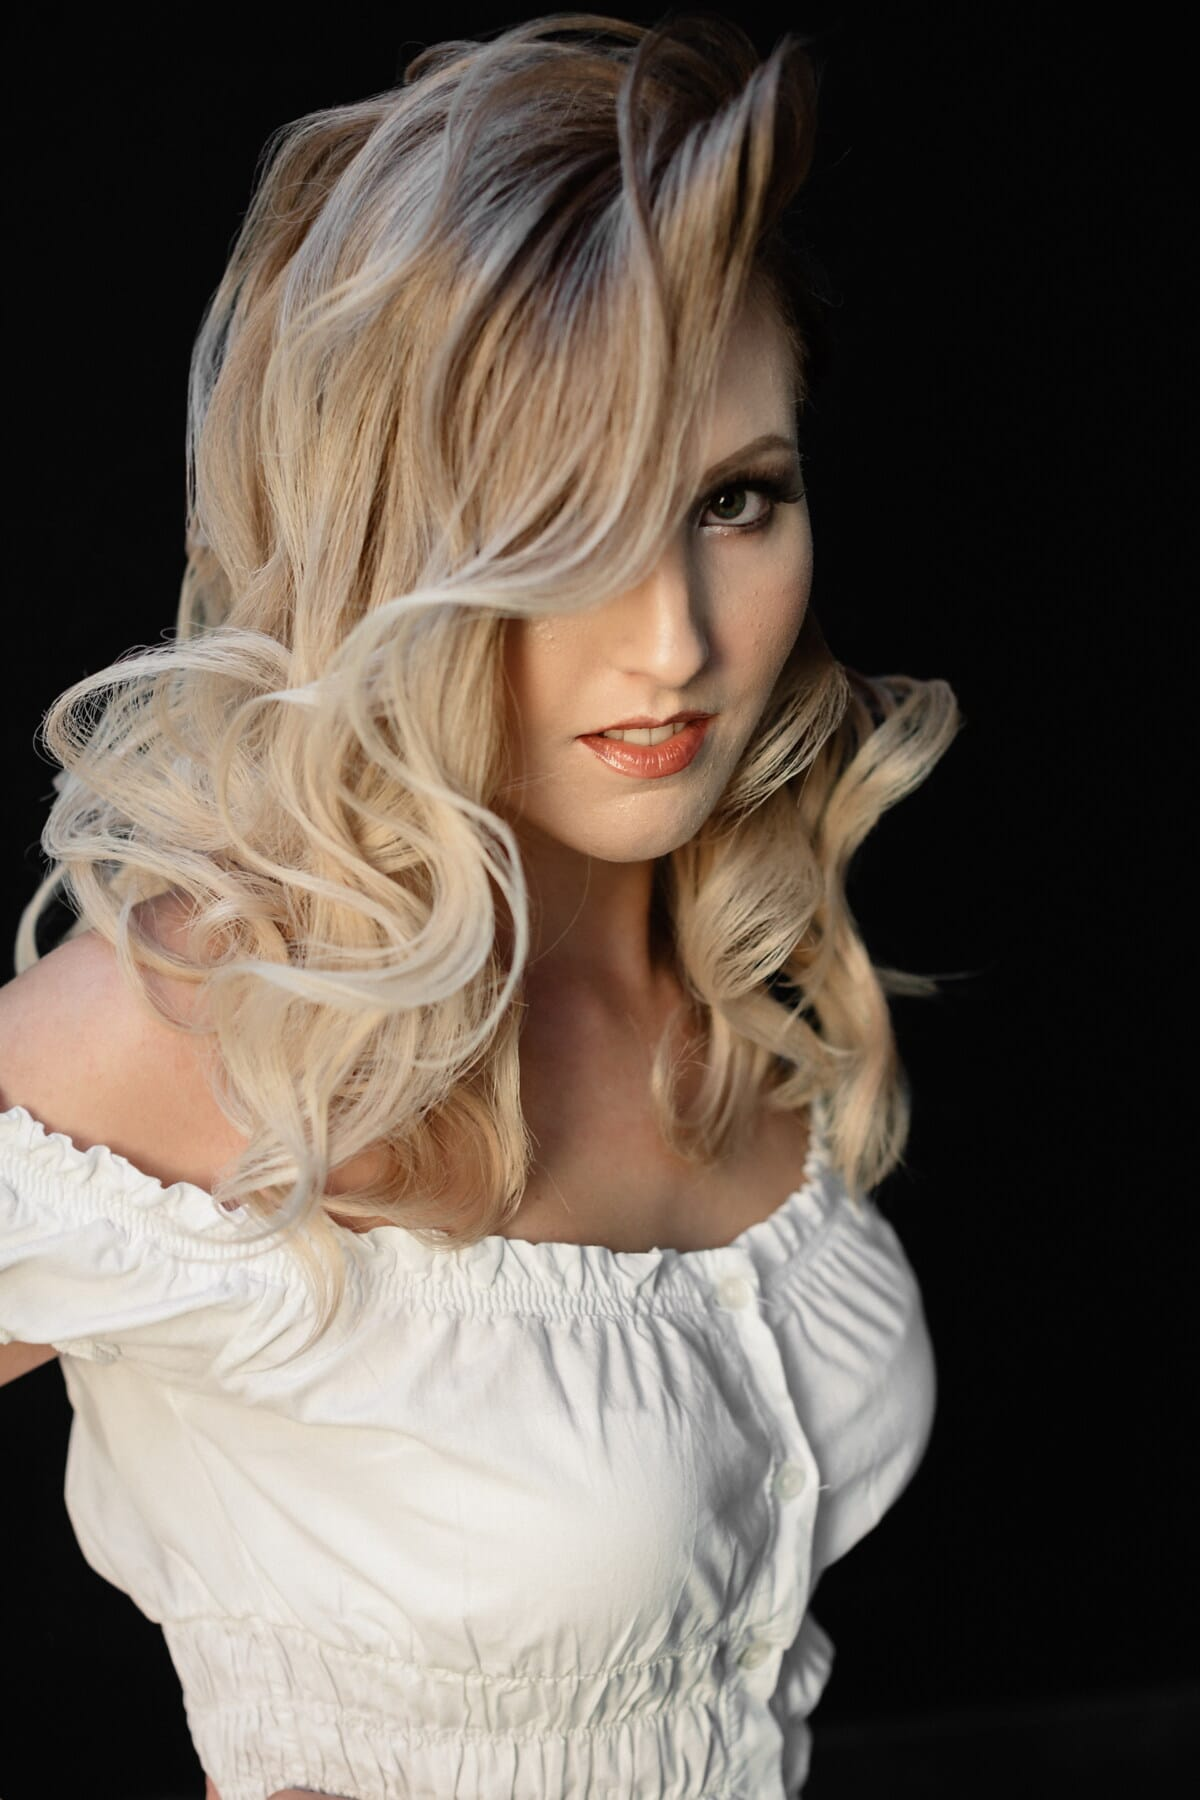 ung kvinne, stående, Posering, bilde studio, søt, pen jente, ansikt, kvinne, blonde, parykk